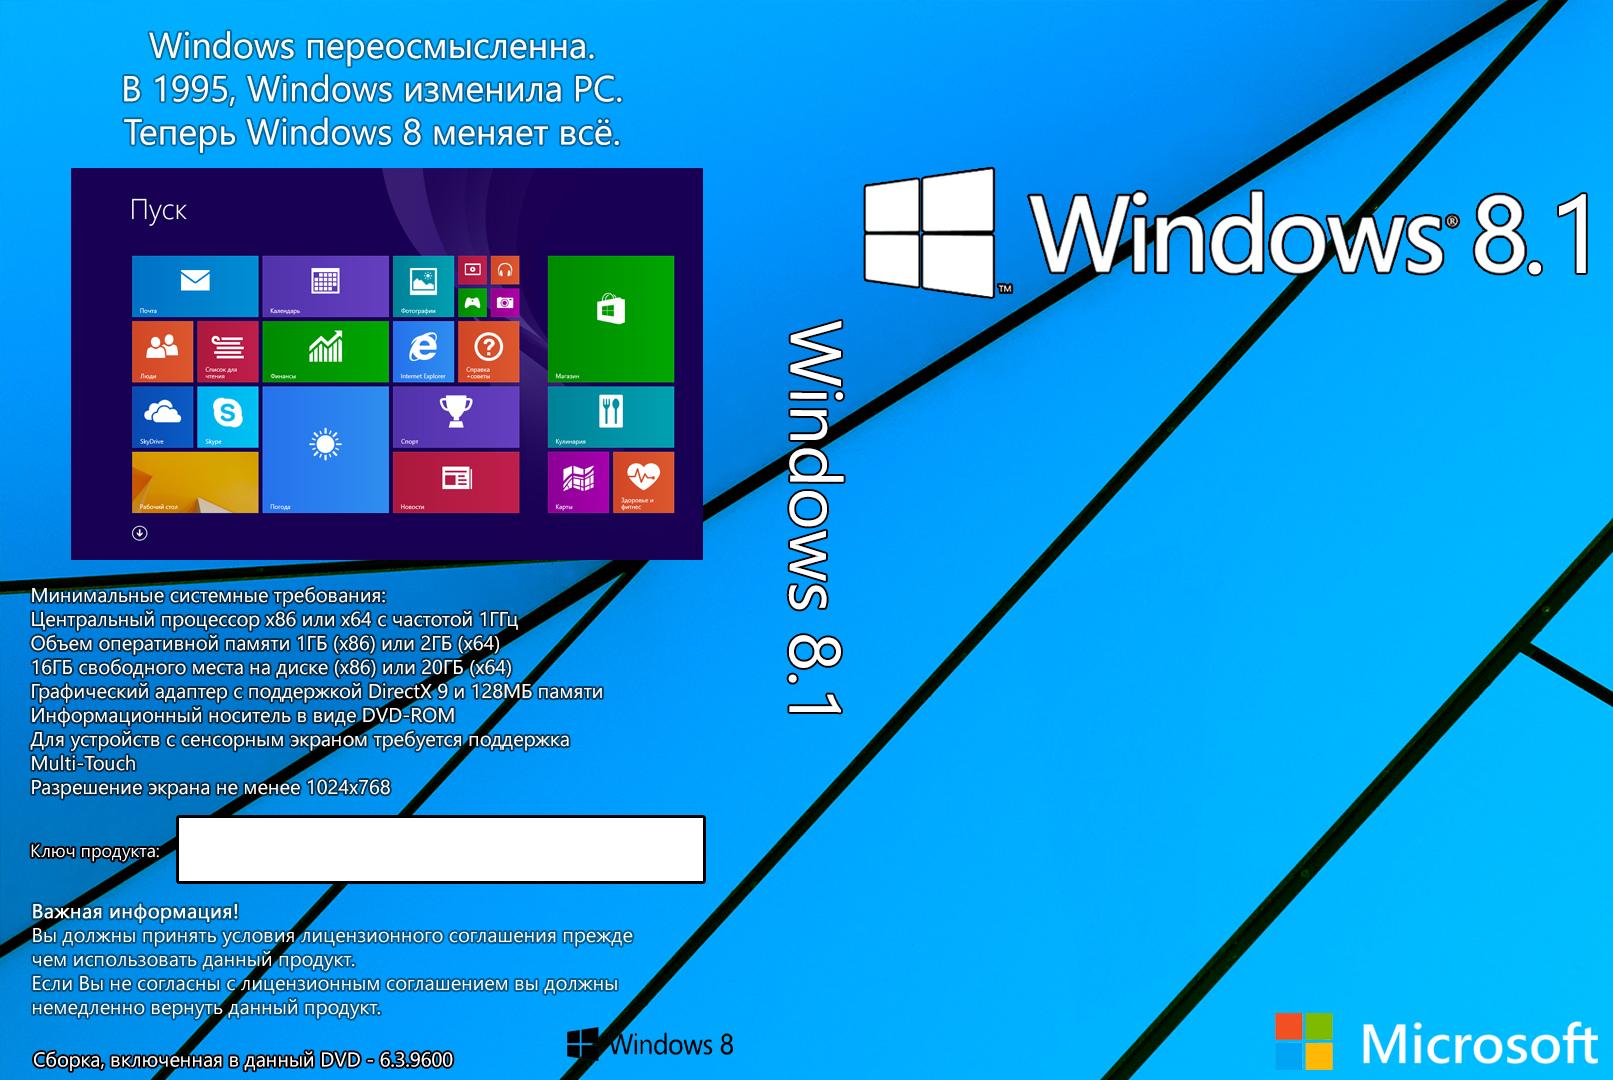 pdf writer for windows 8.1 free download